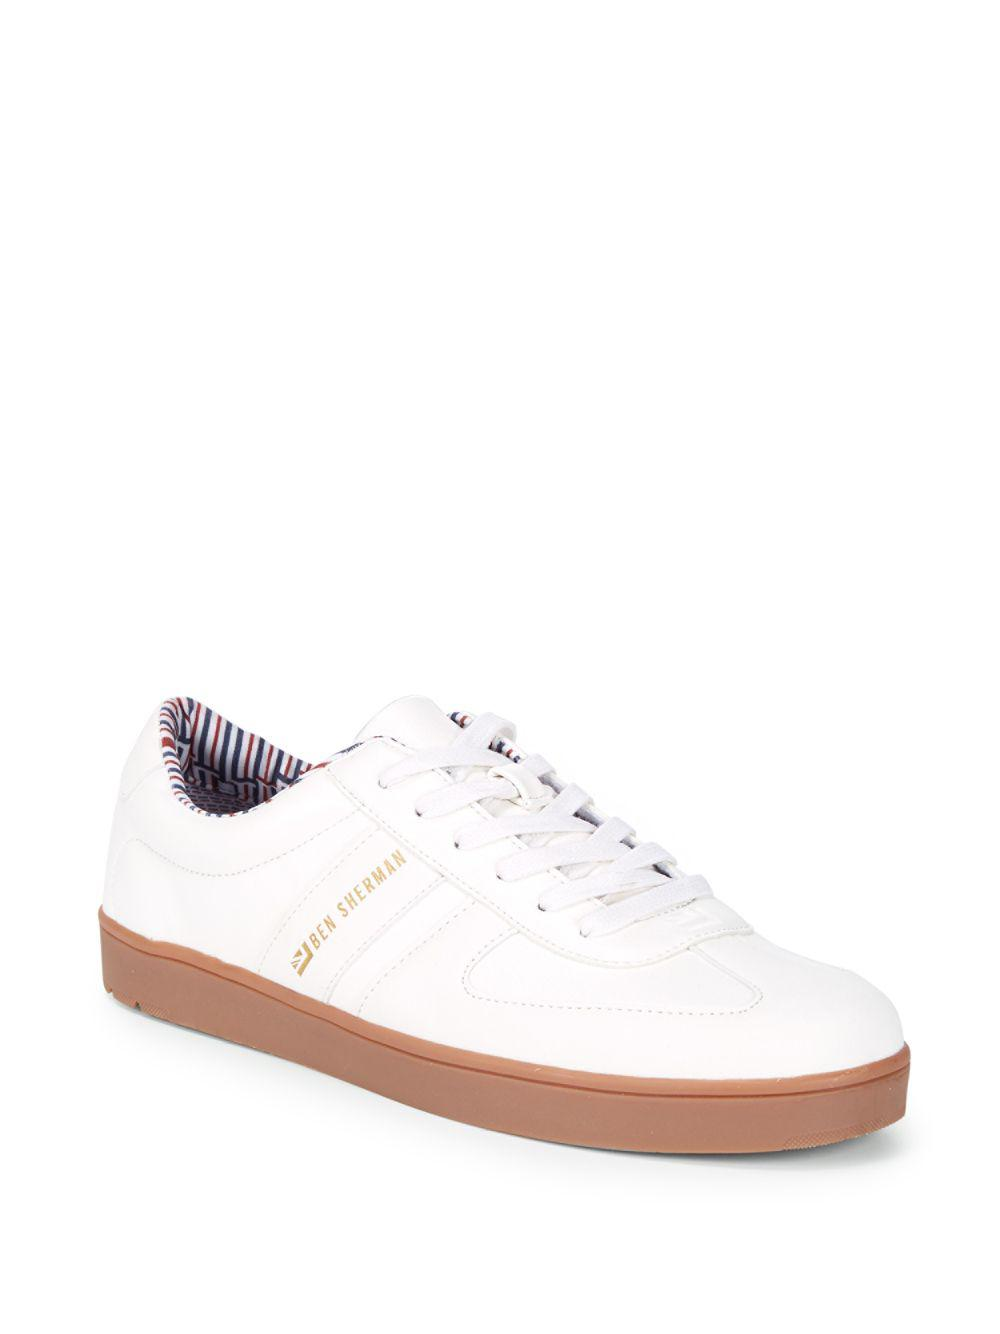 Ben Sherman Lorin Fields Sneaker iuGq8M